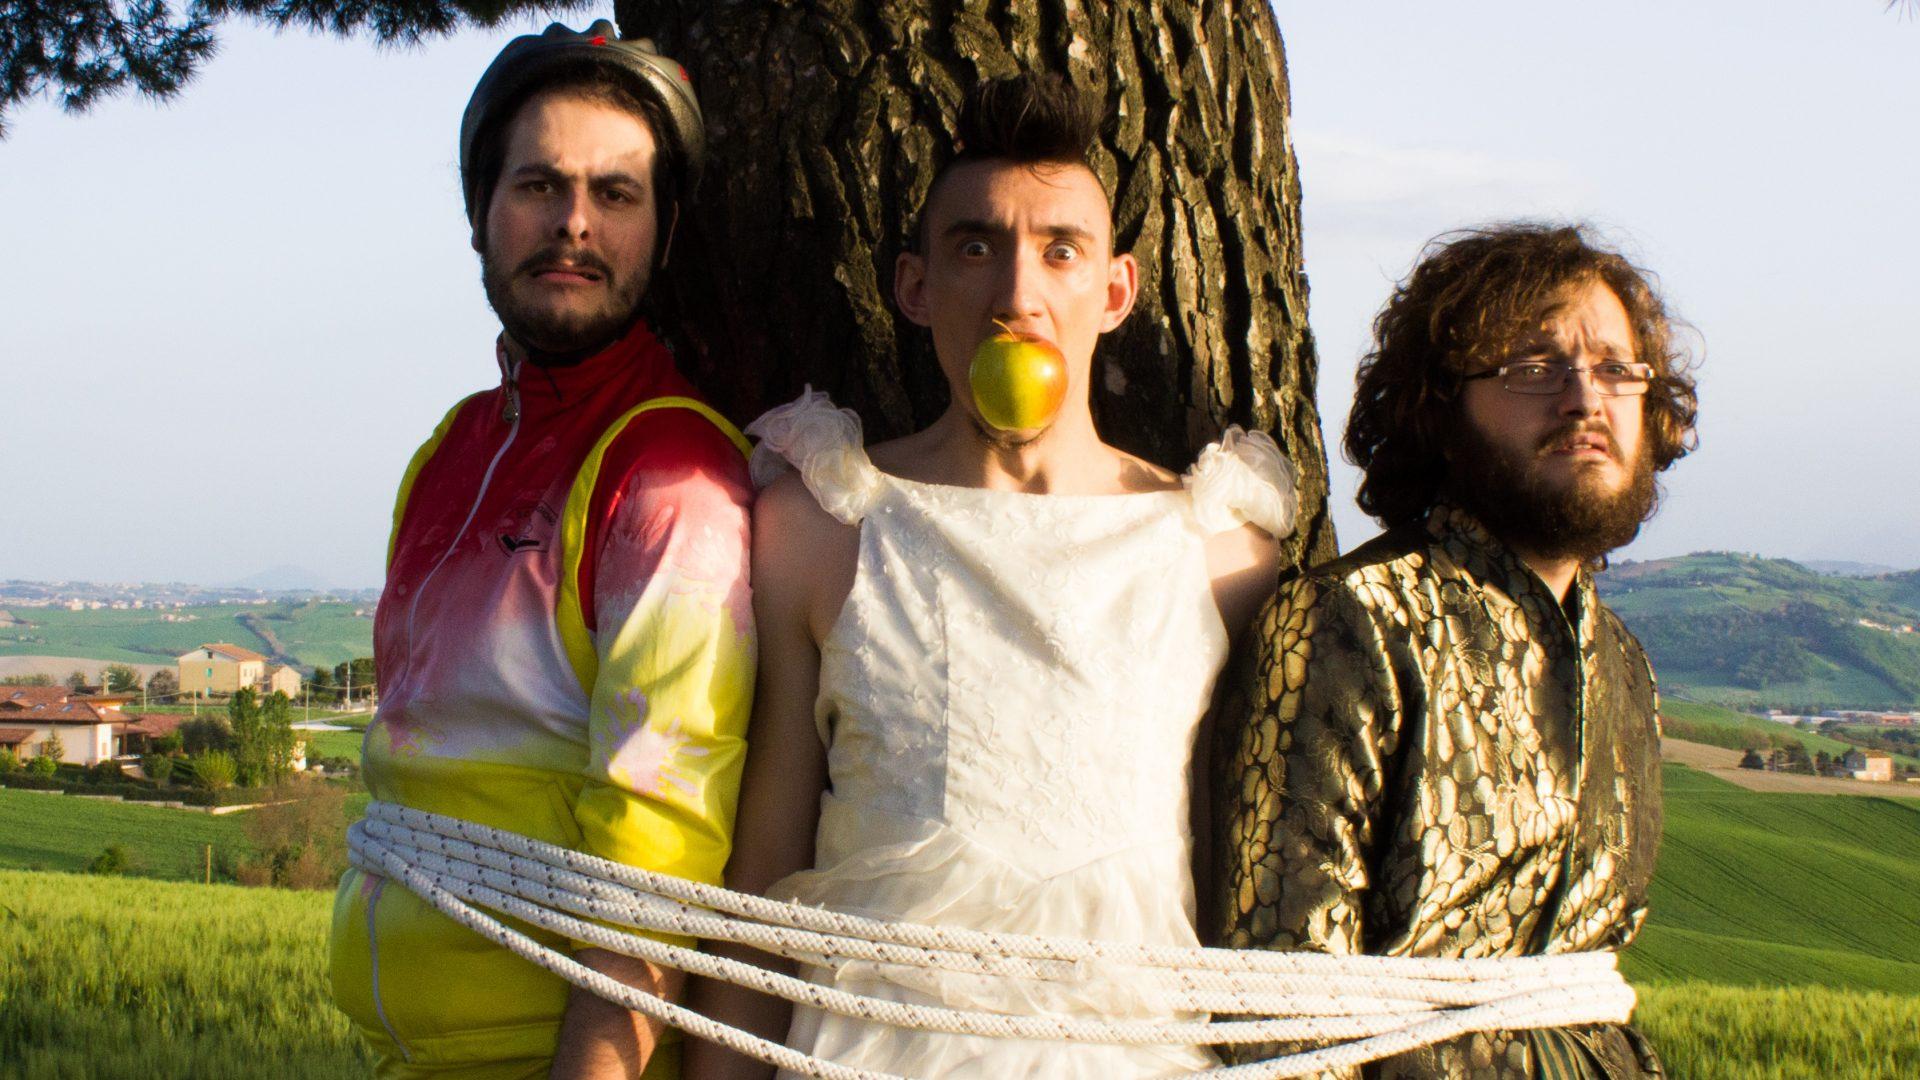 Quando la gavetta fa rima con metamorfosi: la pazza avventura della band marchigiana Capabro'